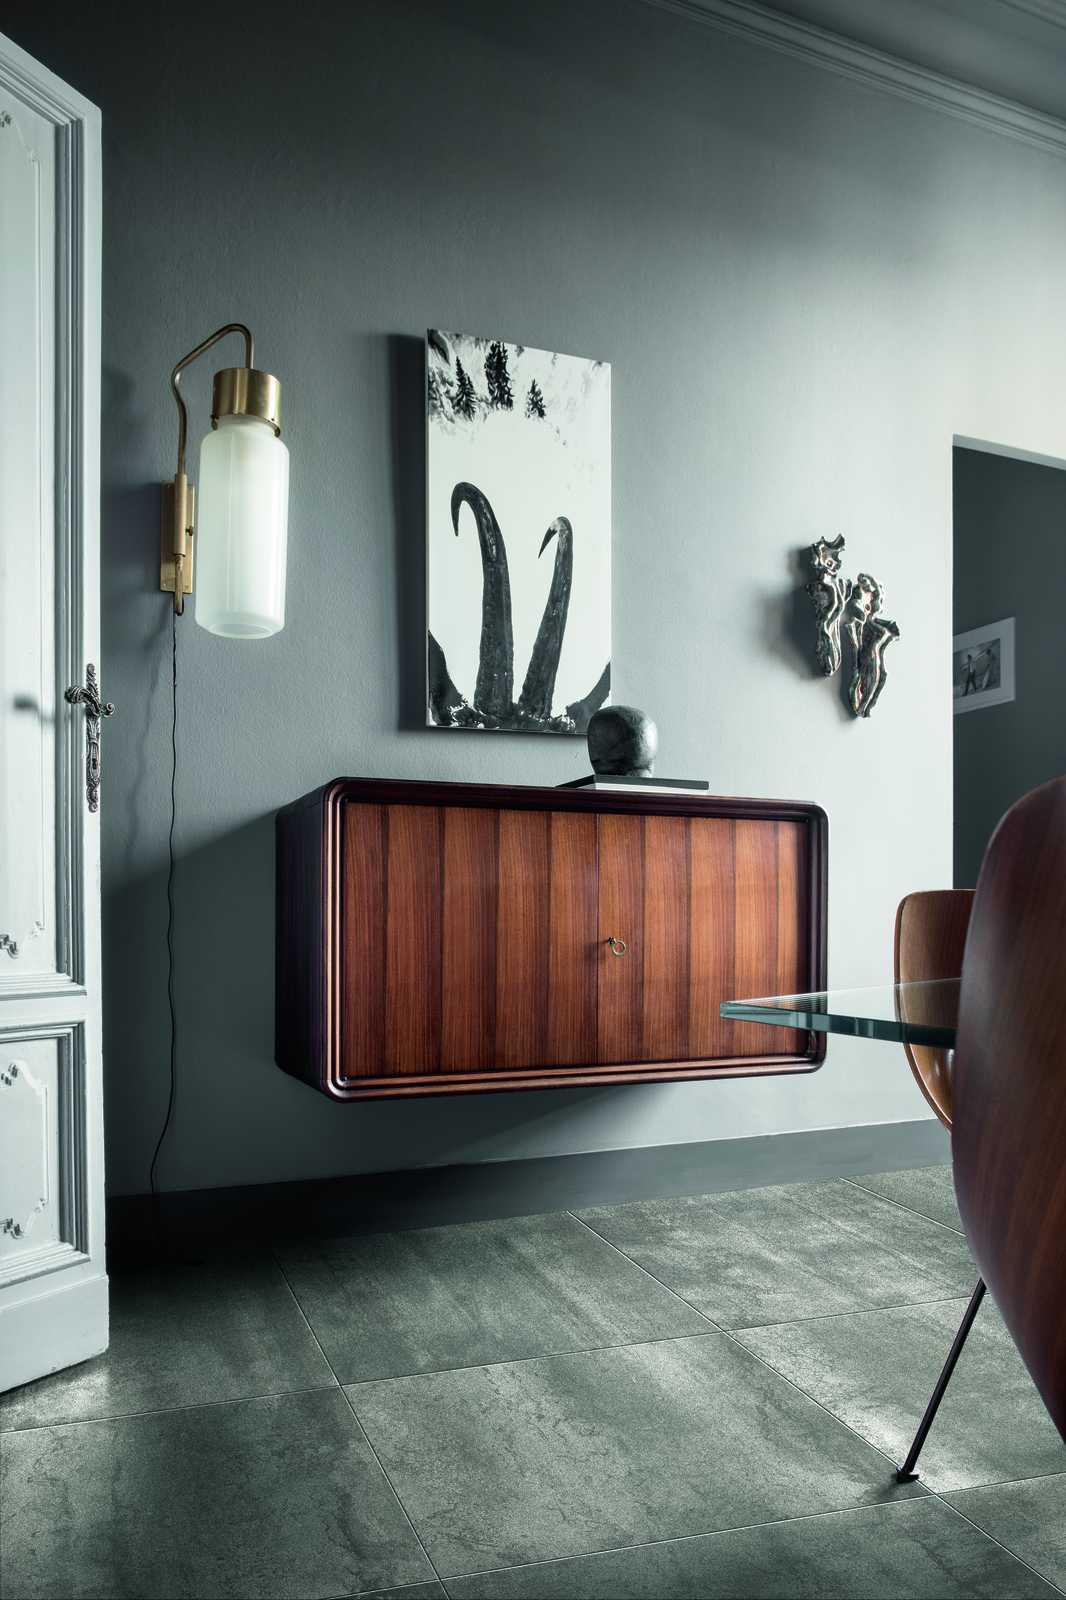 Bagno Minimal Bianco Rivestimento Nero Interior Design : Piastrelle grigio perla scuro chiaro tortora marazzi